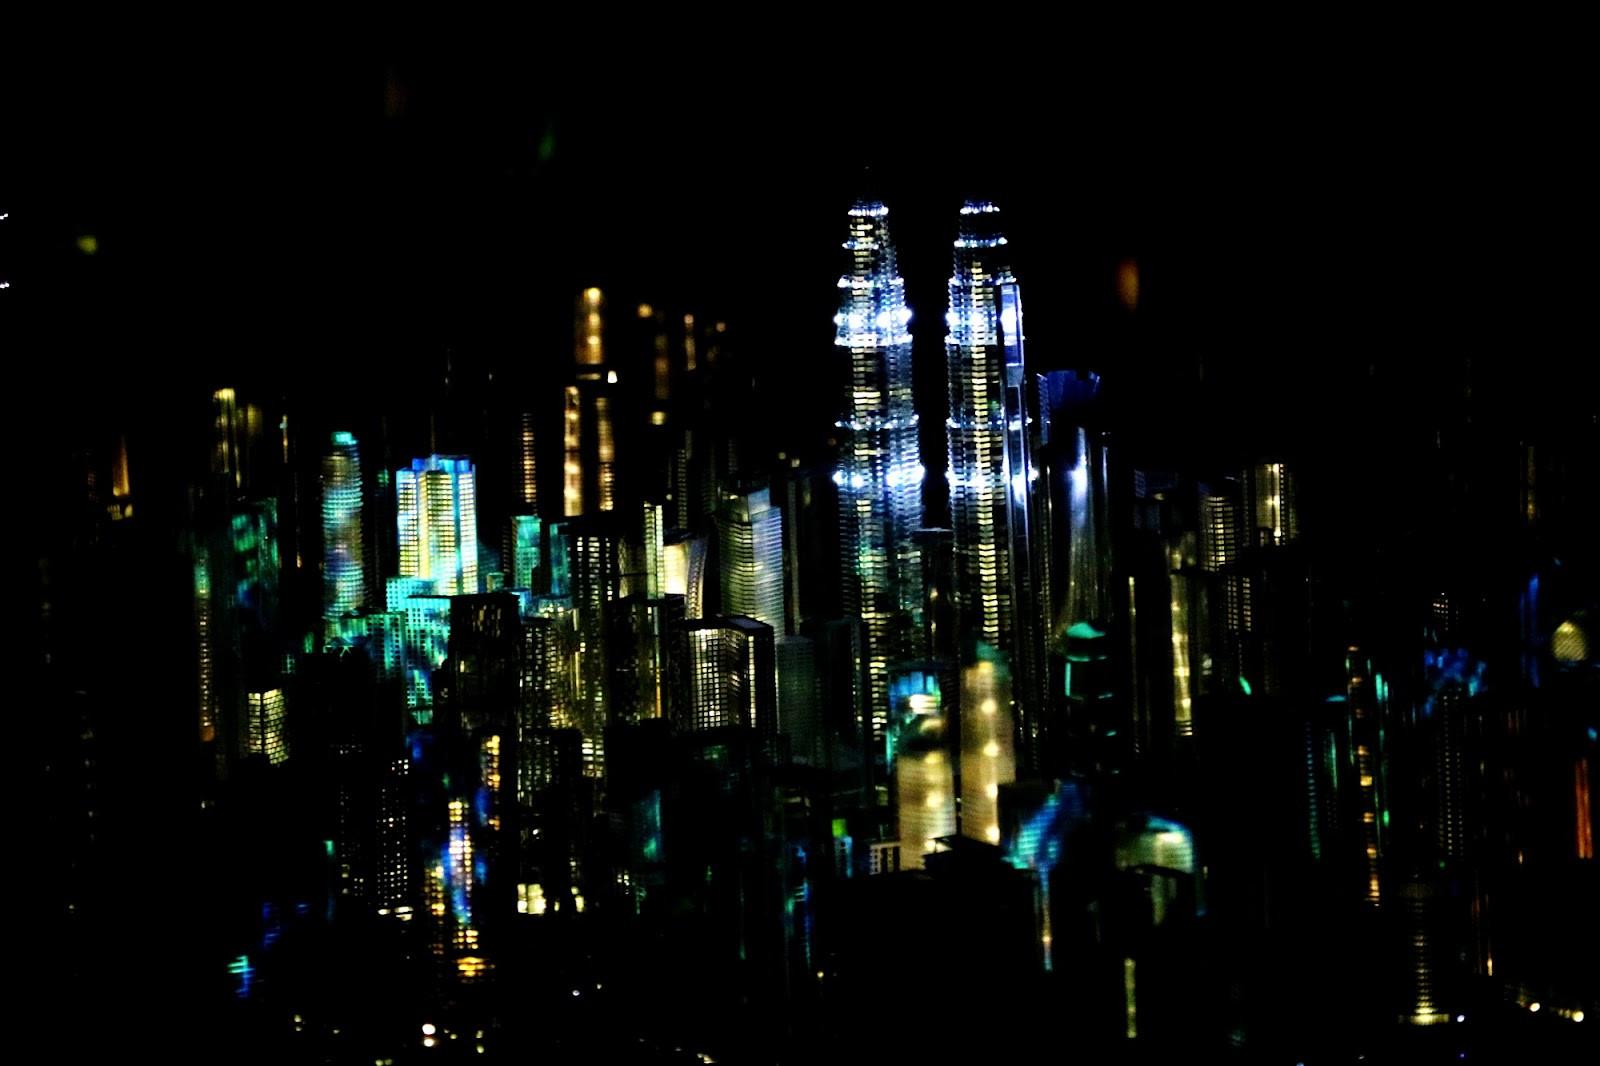 Ở nhà mùa dịch: Nhớ những ngày dạo quanh hè phố Kuala Lumpur - 4